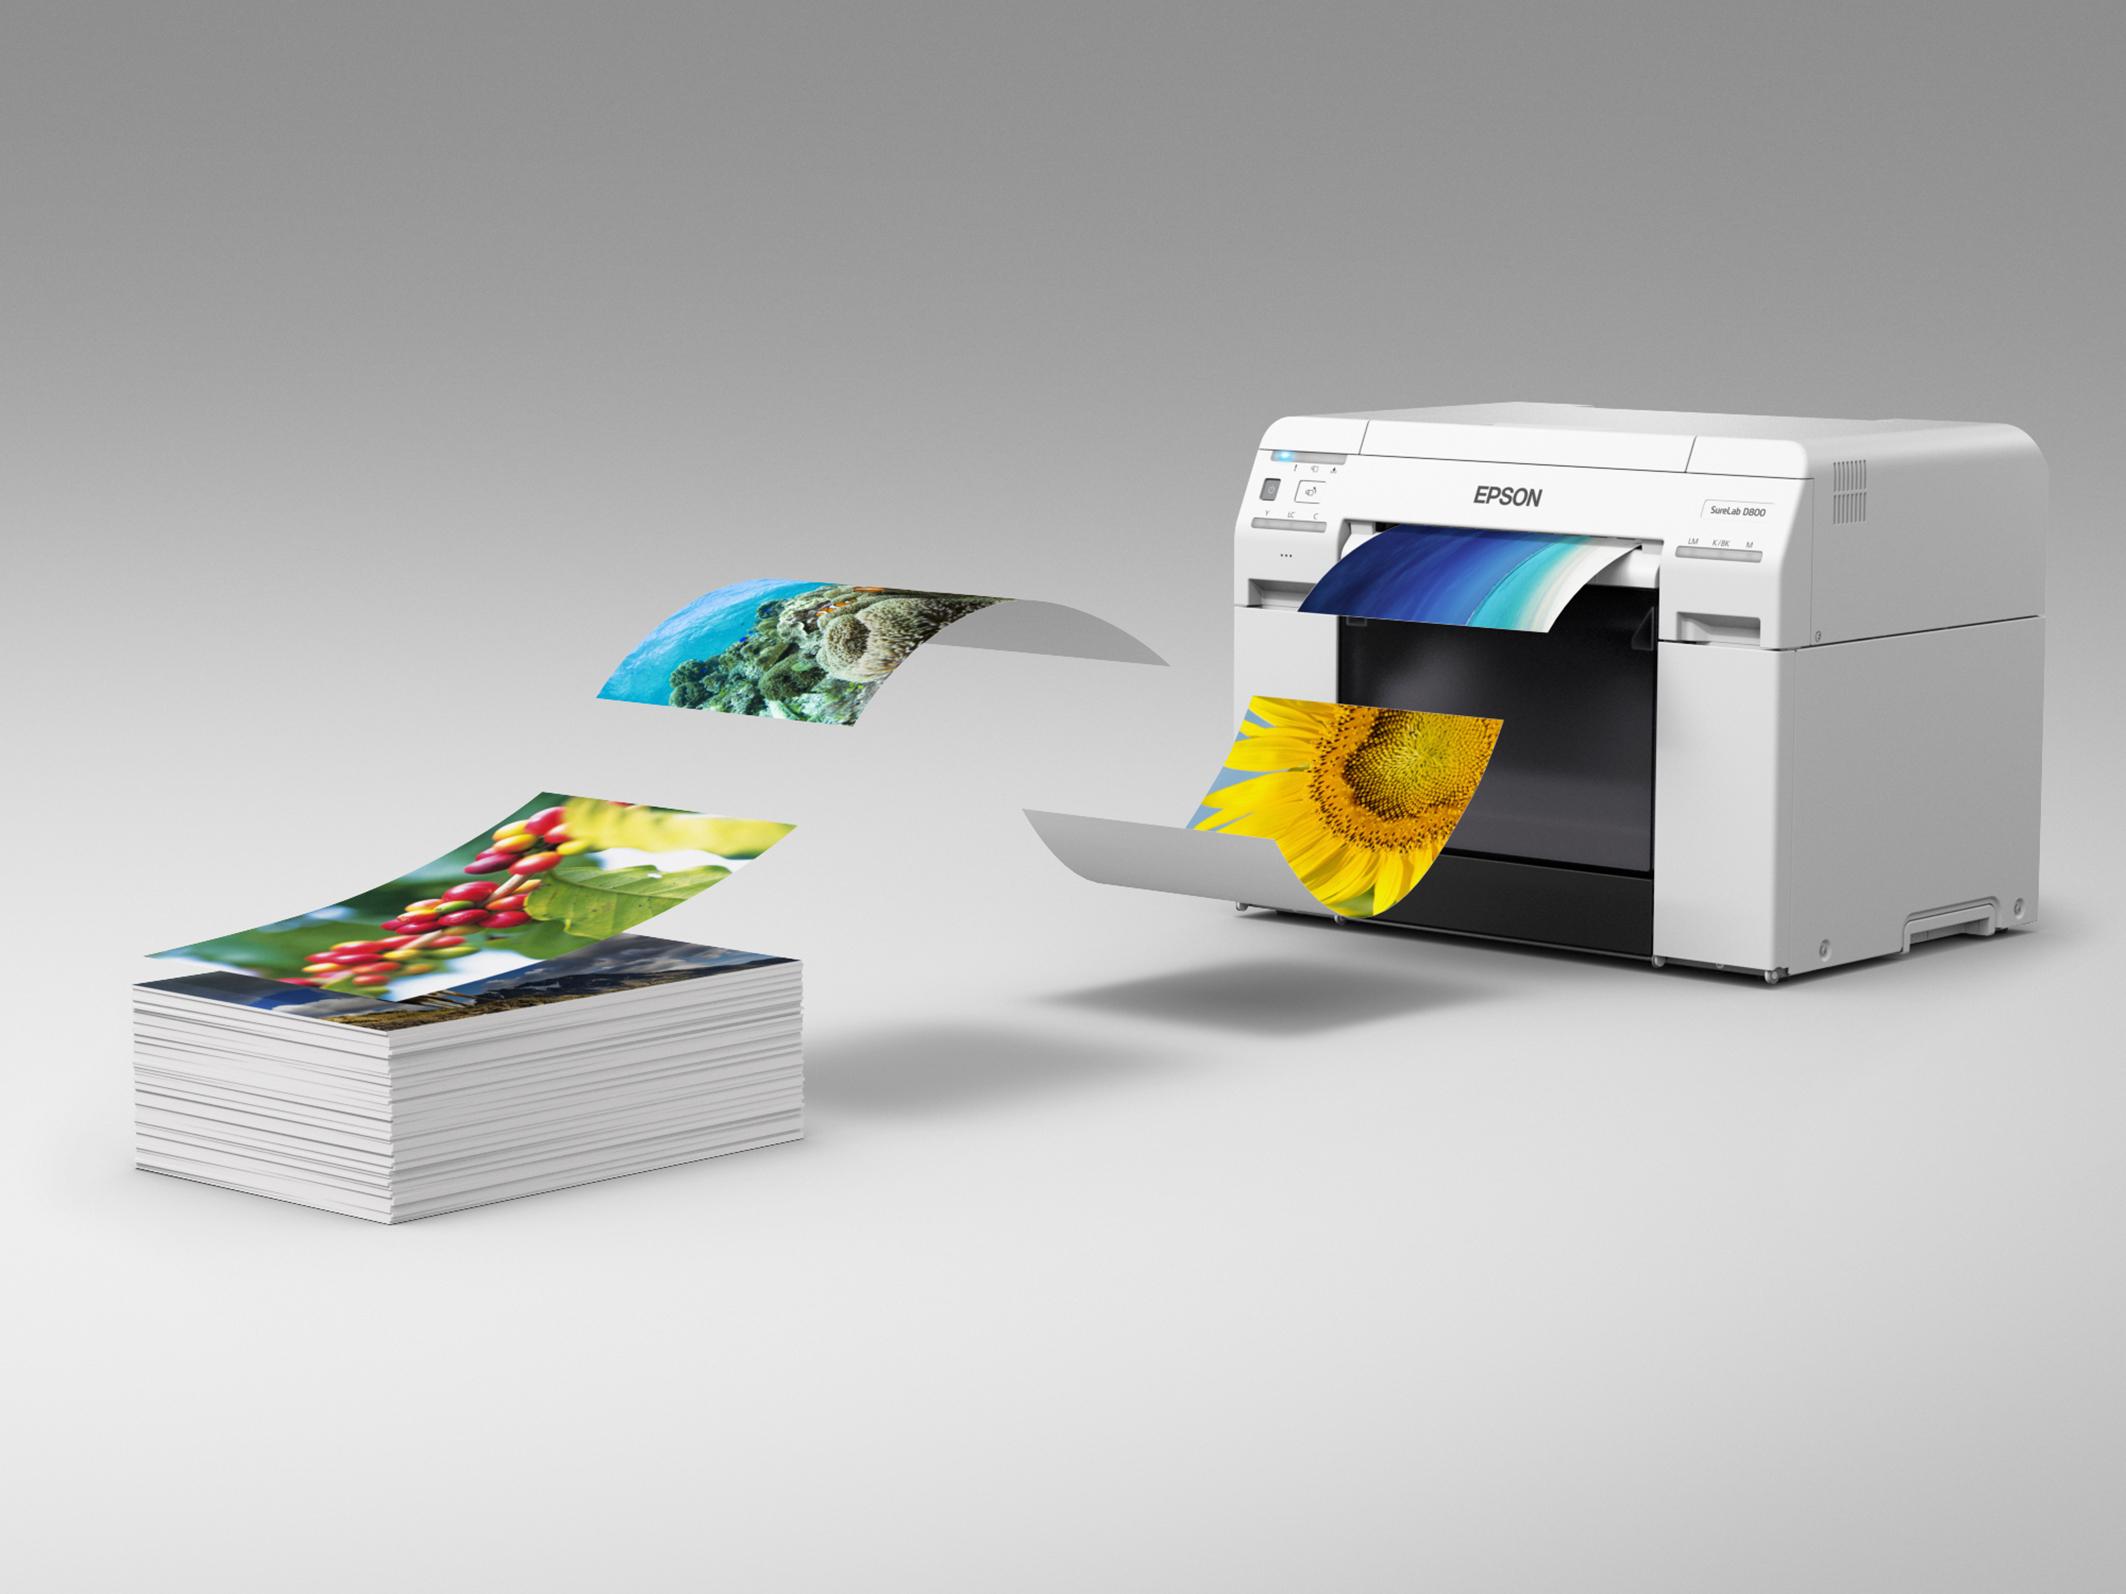 Der neue Epson SureLab SL-D800 Drucker wurde für den Einsatz mit vielen Medien in unterschiedlichsten Formaten ausgelegt.